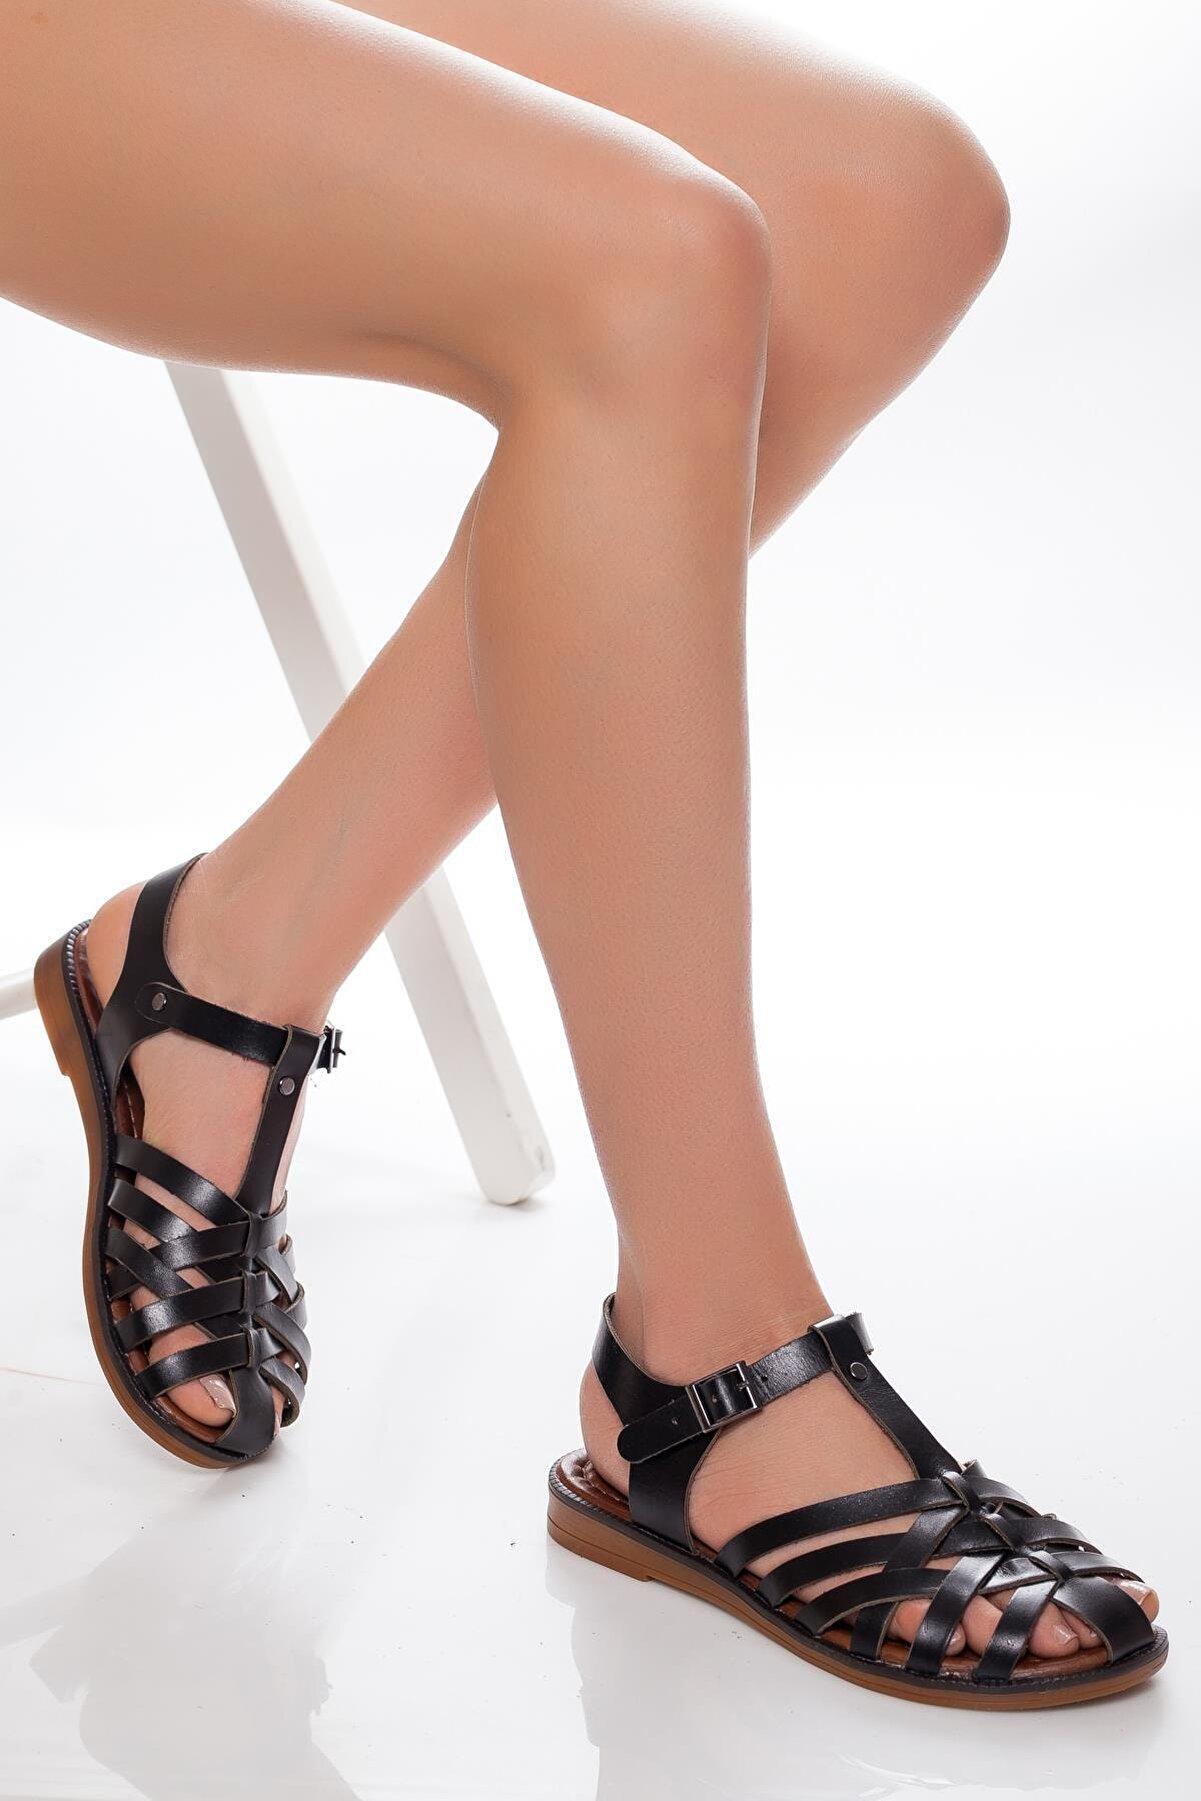 Deripabuc - Çeşme Hakiki Deri Siyah Kadın Deri Sandalet Rma-3081